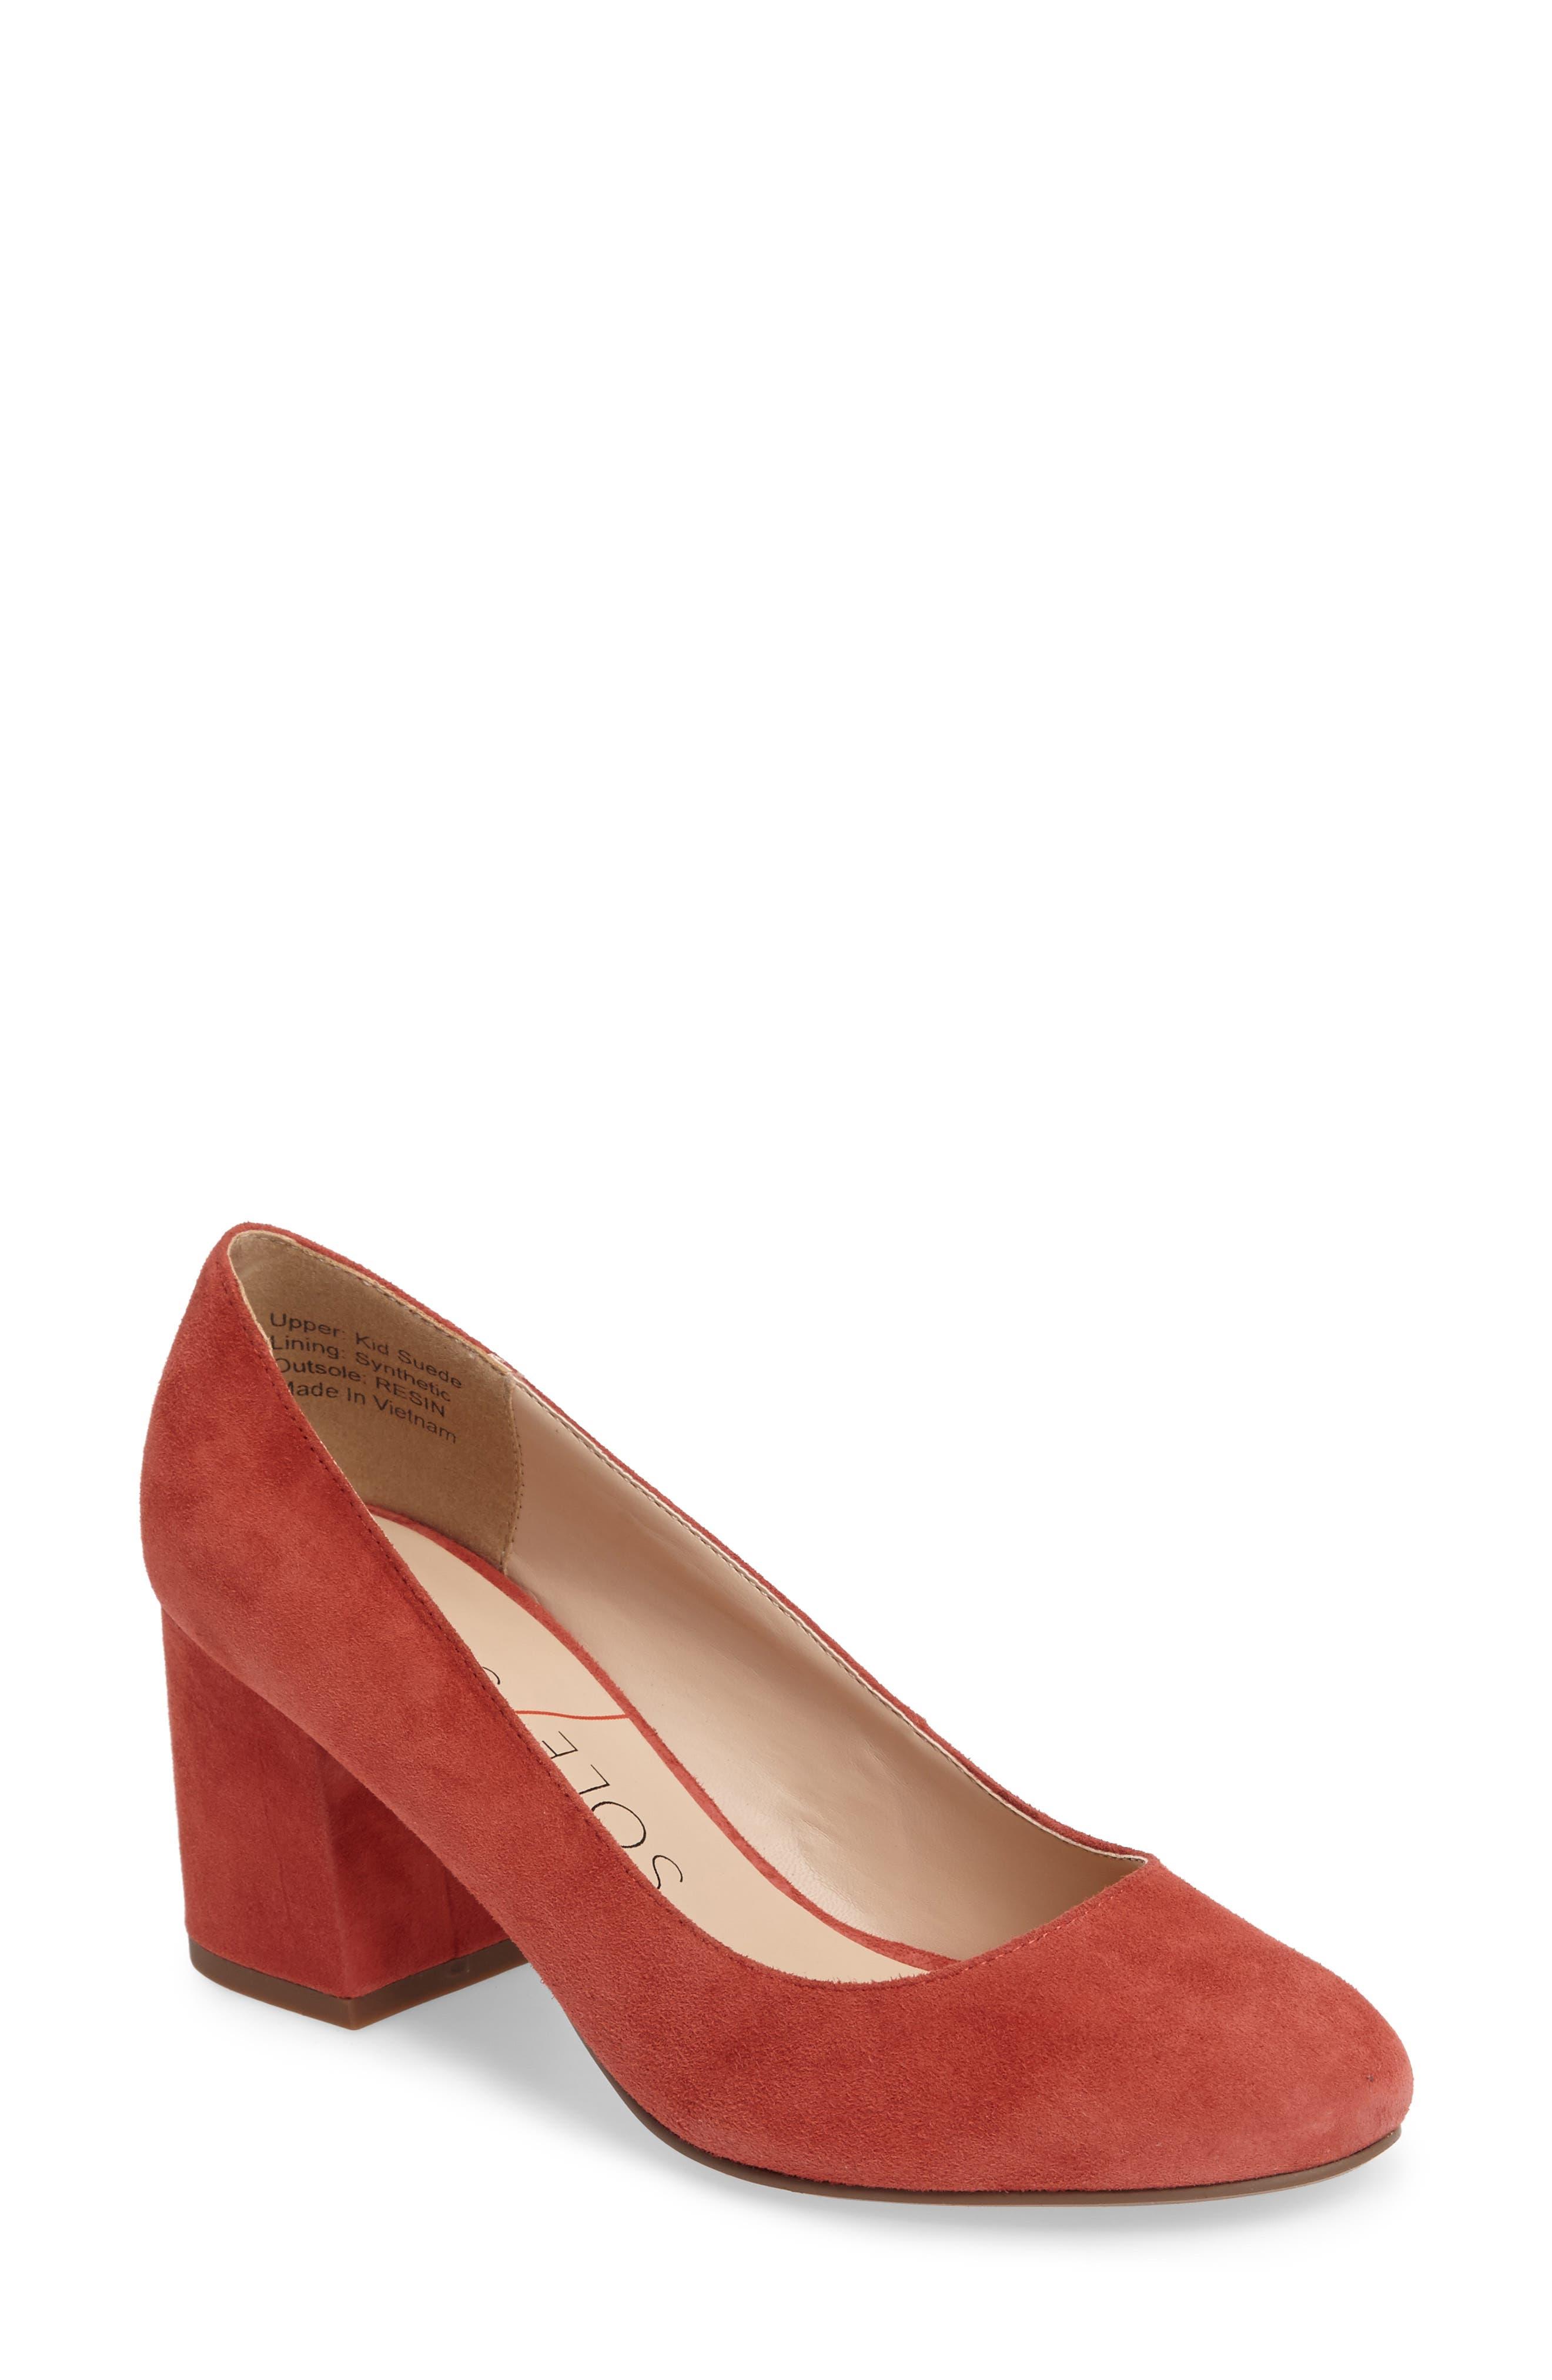 Lola Block Heel Pump,                         Main,                         color, Paprika Suede